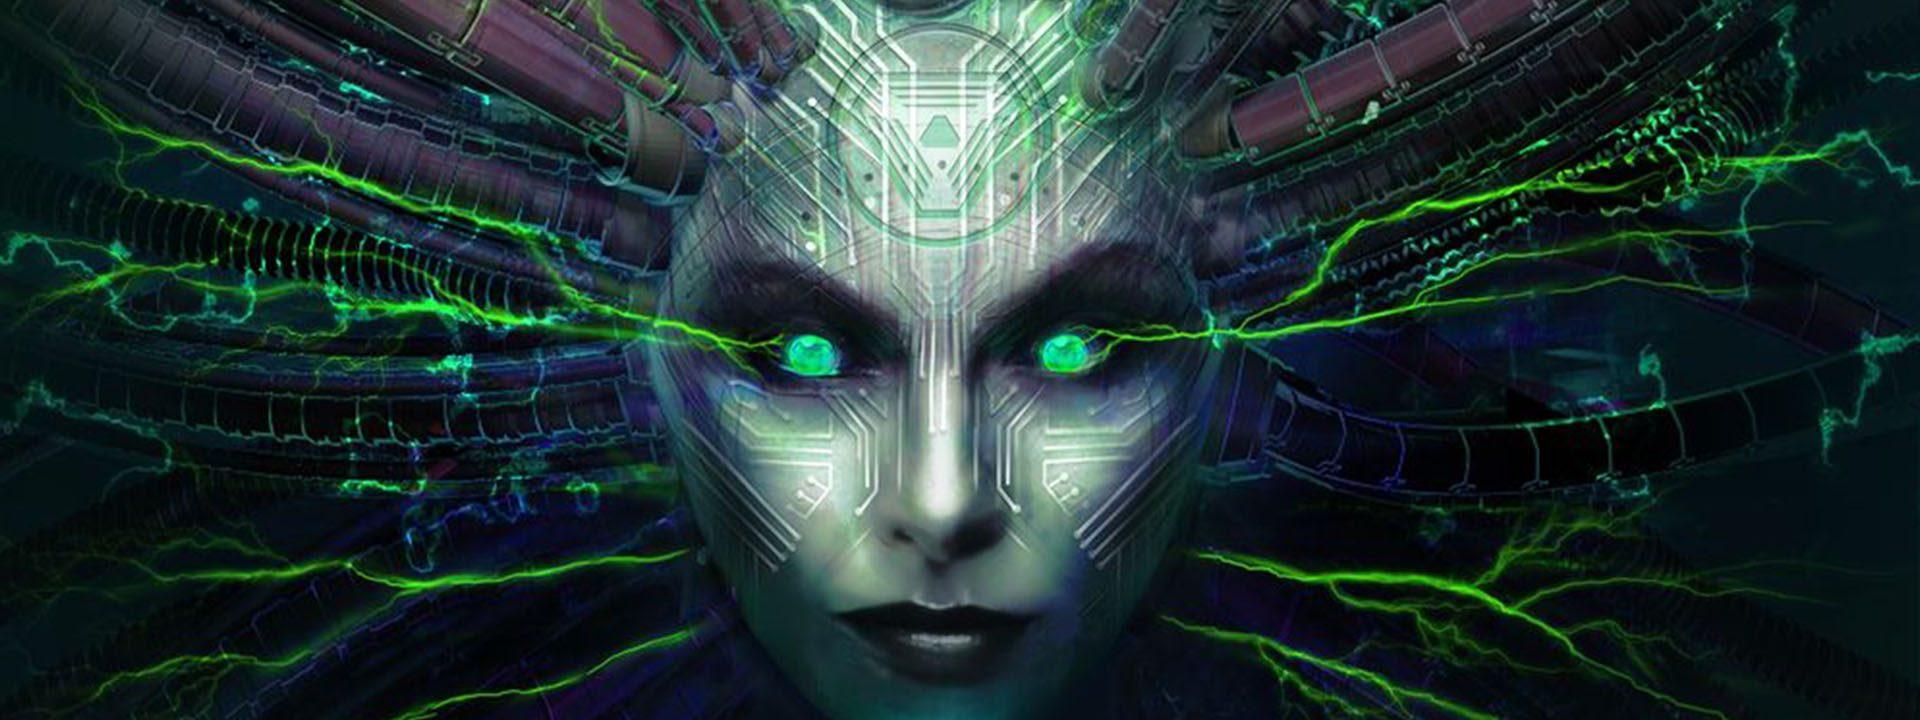 Starbreeze prodao prava na System Shock 3 razvojnom timu